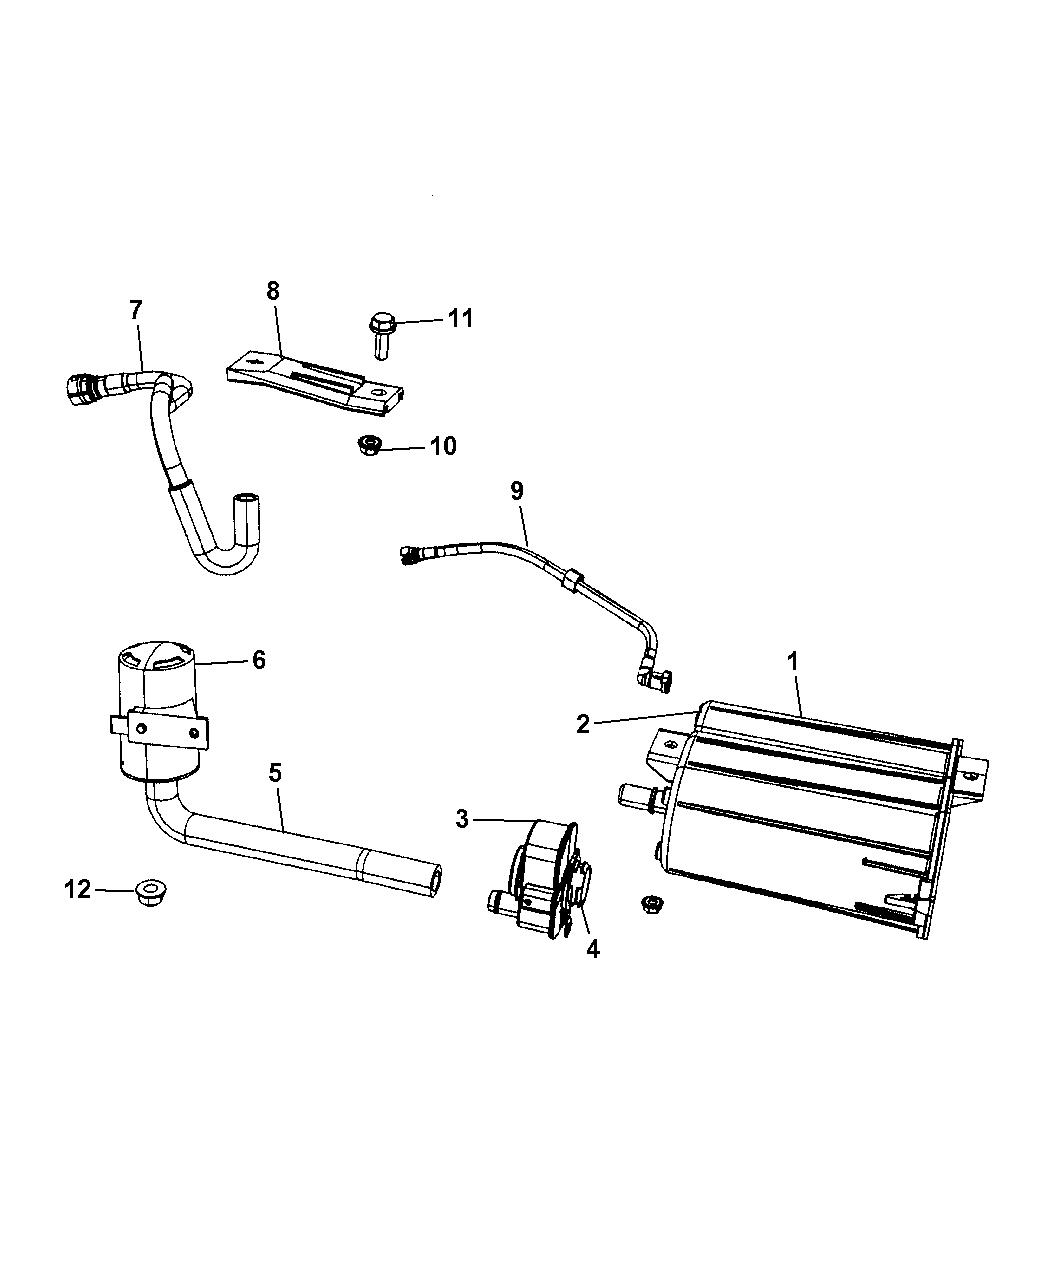 2008 Dodge Caliber Vapor Canister Leak Detection Pump Fuel Filter Location